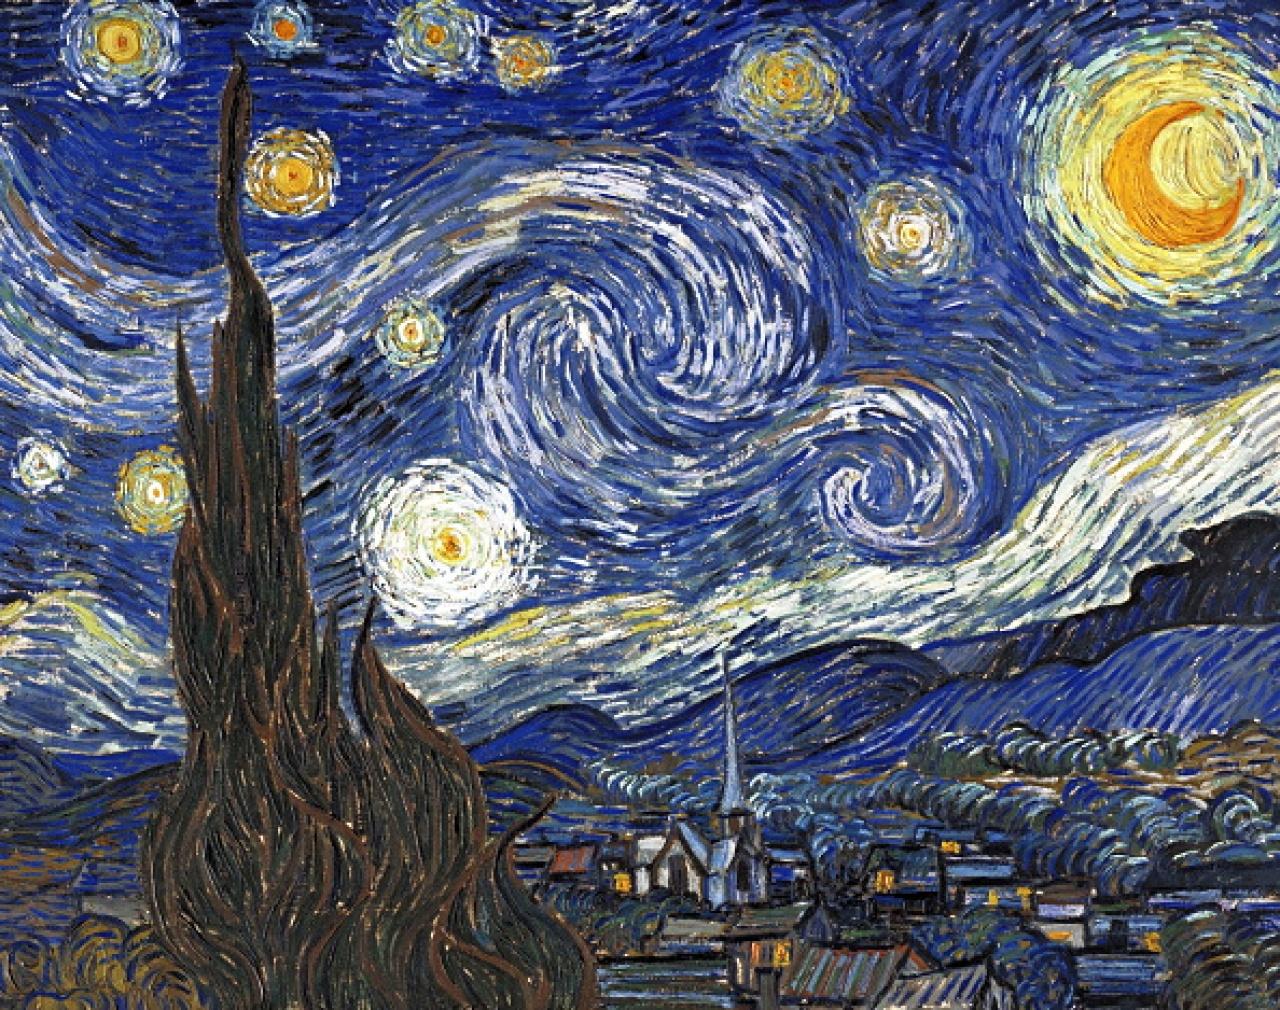 《星夜》是梵高於1890年入住法國一家精神病院期間創作的油畫,是其代表作之一,現藏紐約現代藝術博物館。(Getty Images)